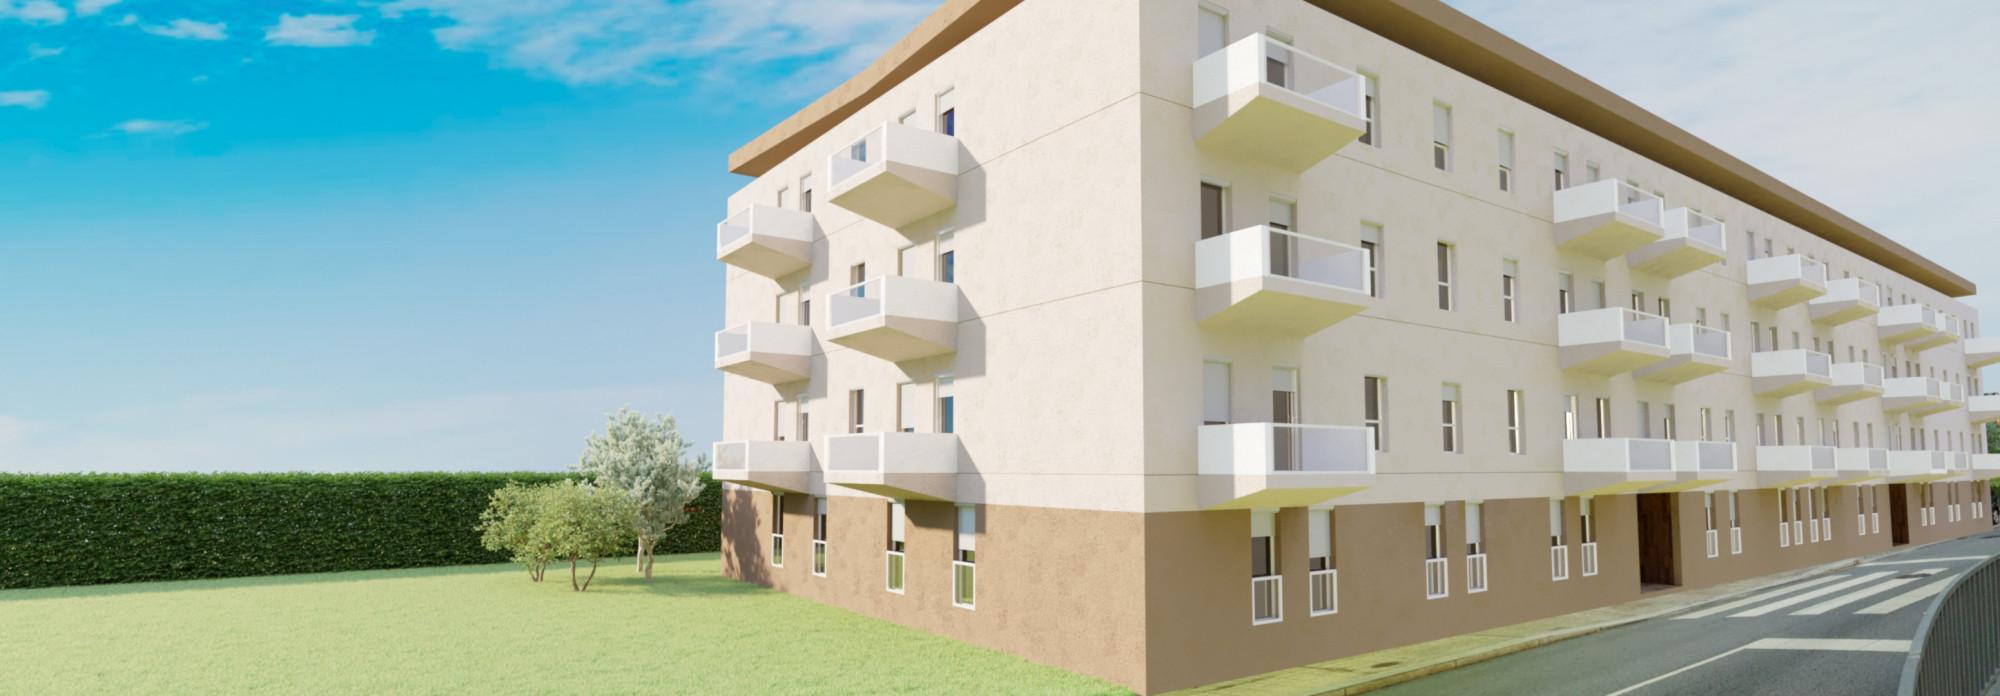 Projeto Ramalde Residence traz ao Porto 56 casas para a classe média / Grupo Omega